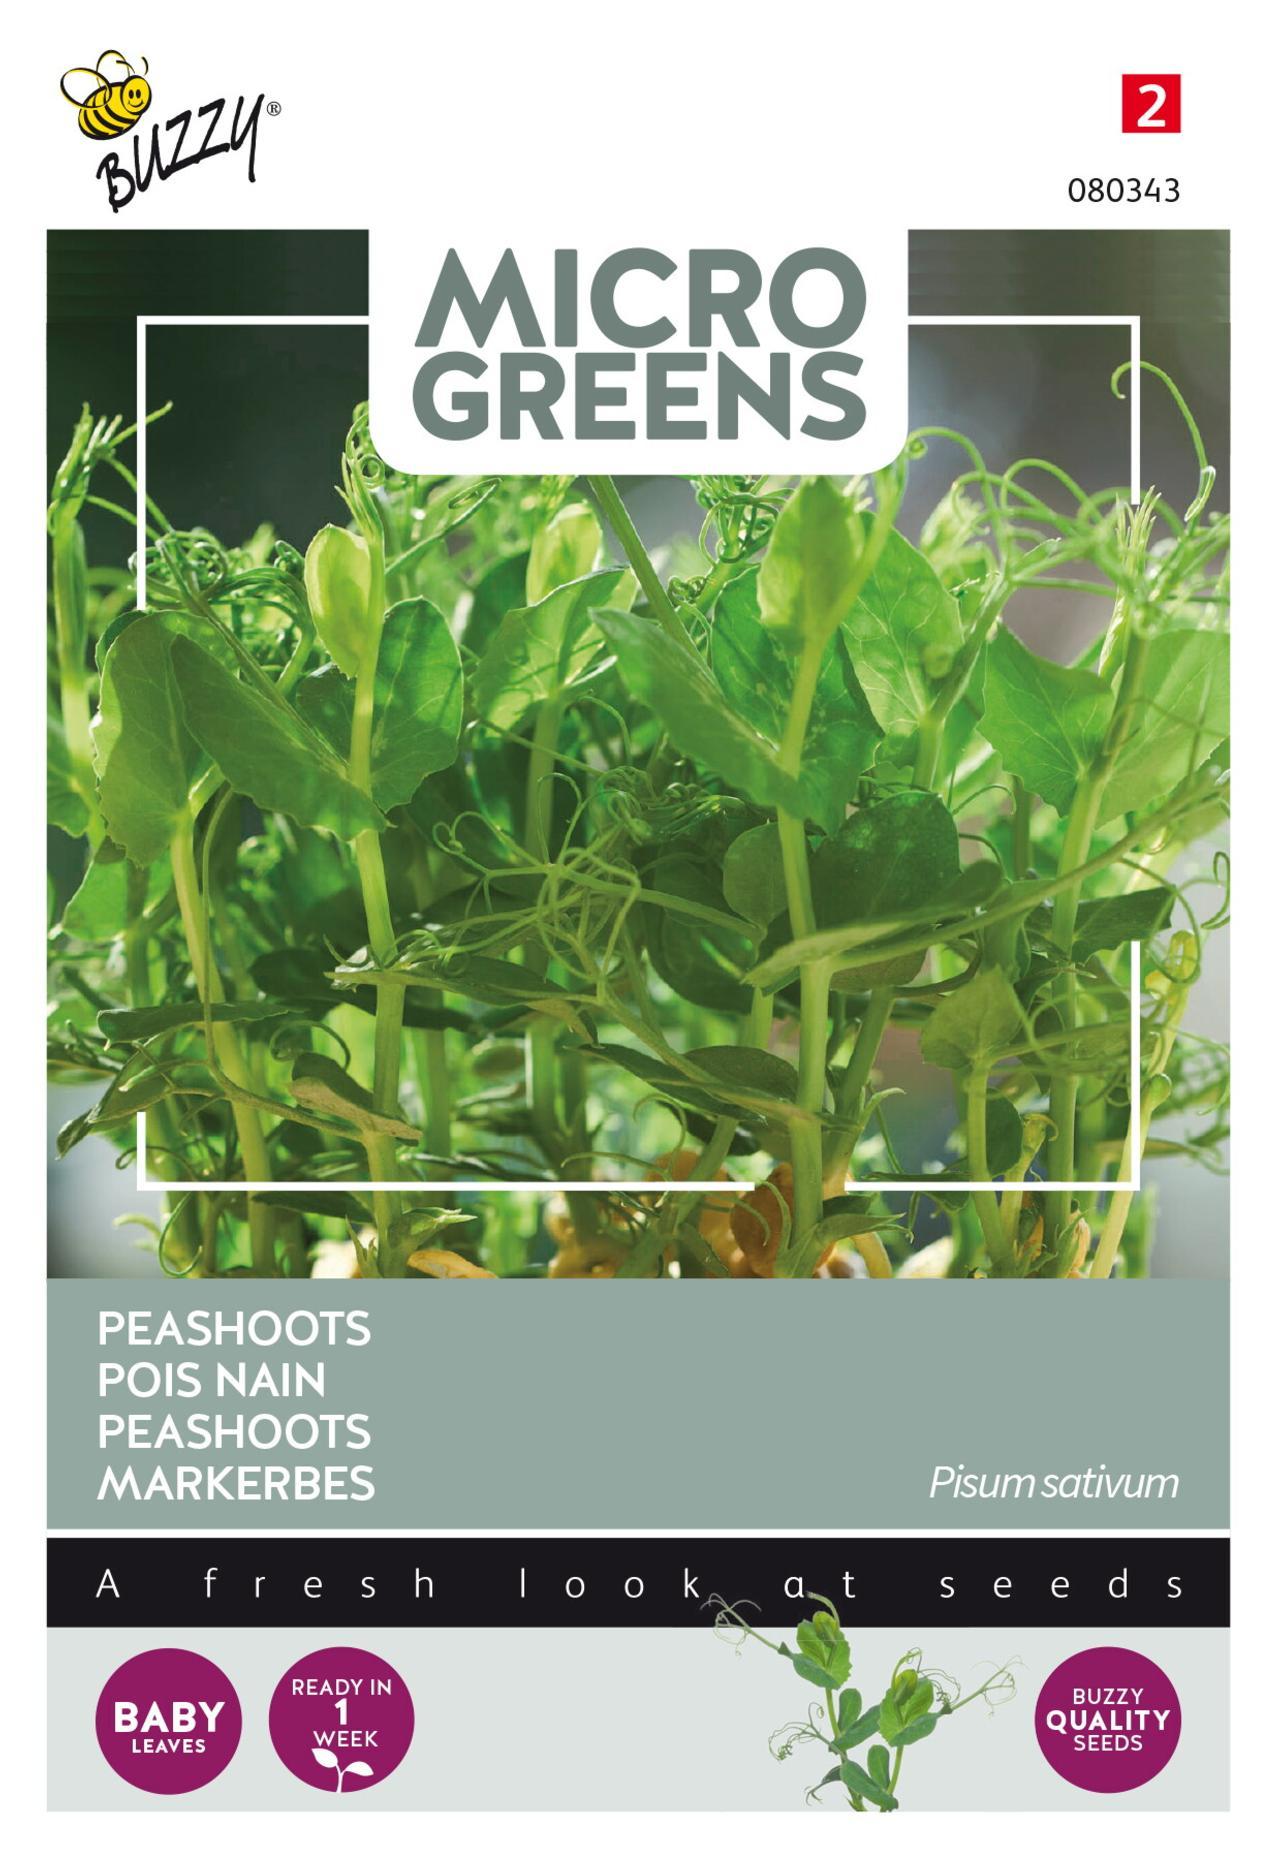 Pisum sativum 'Peashoots' (microgreens) plant